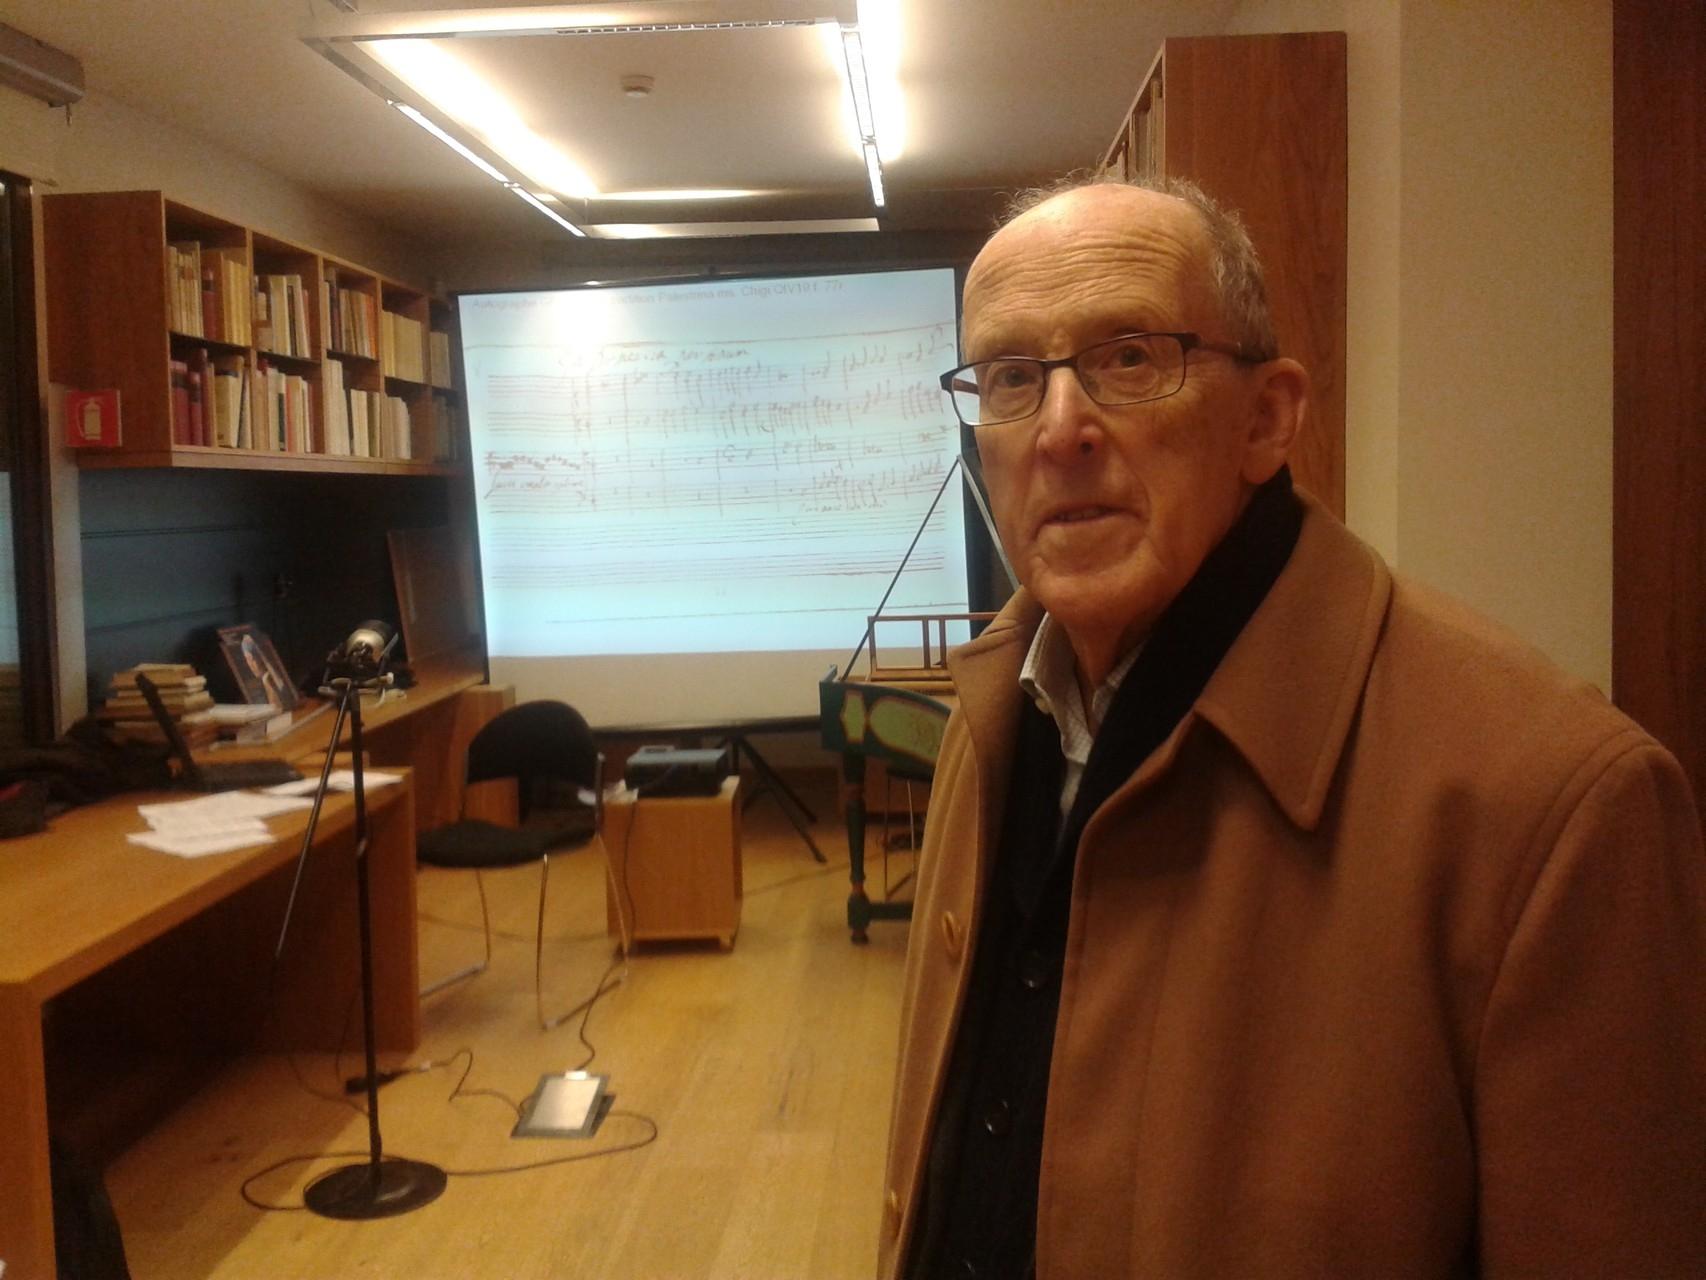 Lugi Ferdinando Tagliavini (1929-2017), illustre organista, docente e musicologo